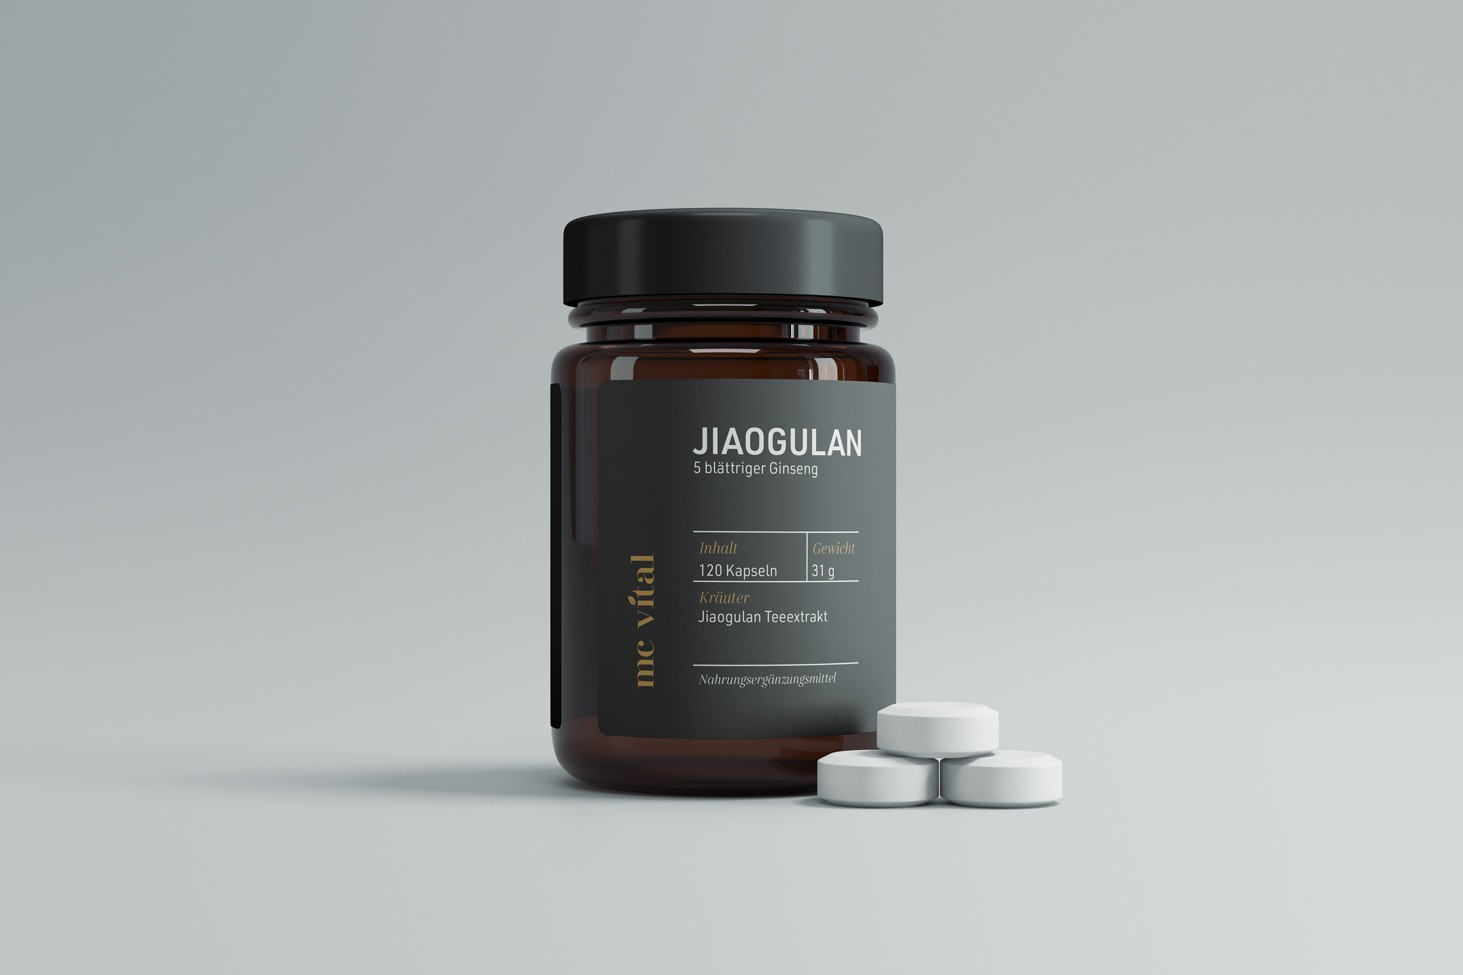 Grafik-Design Mockup Produkt Verpackung